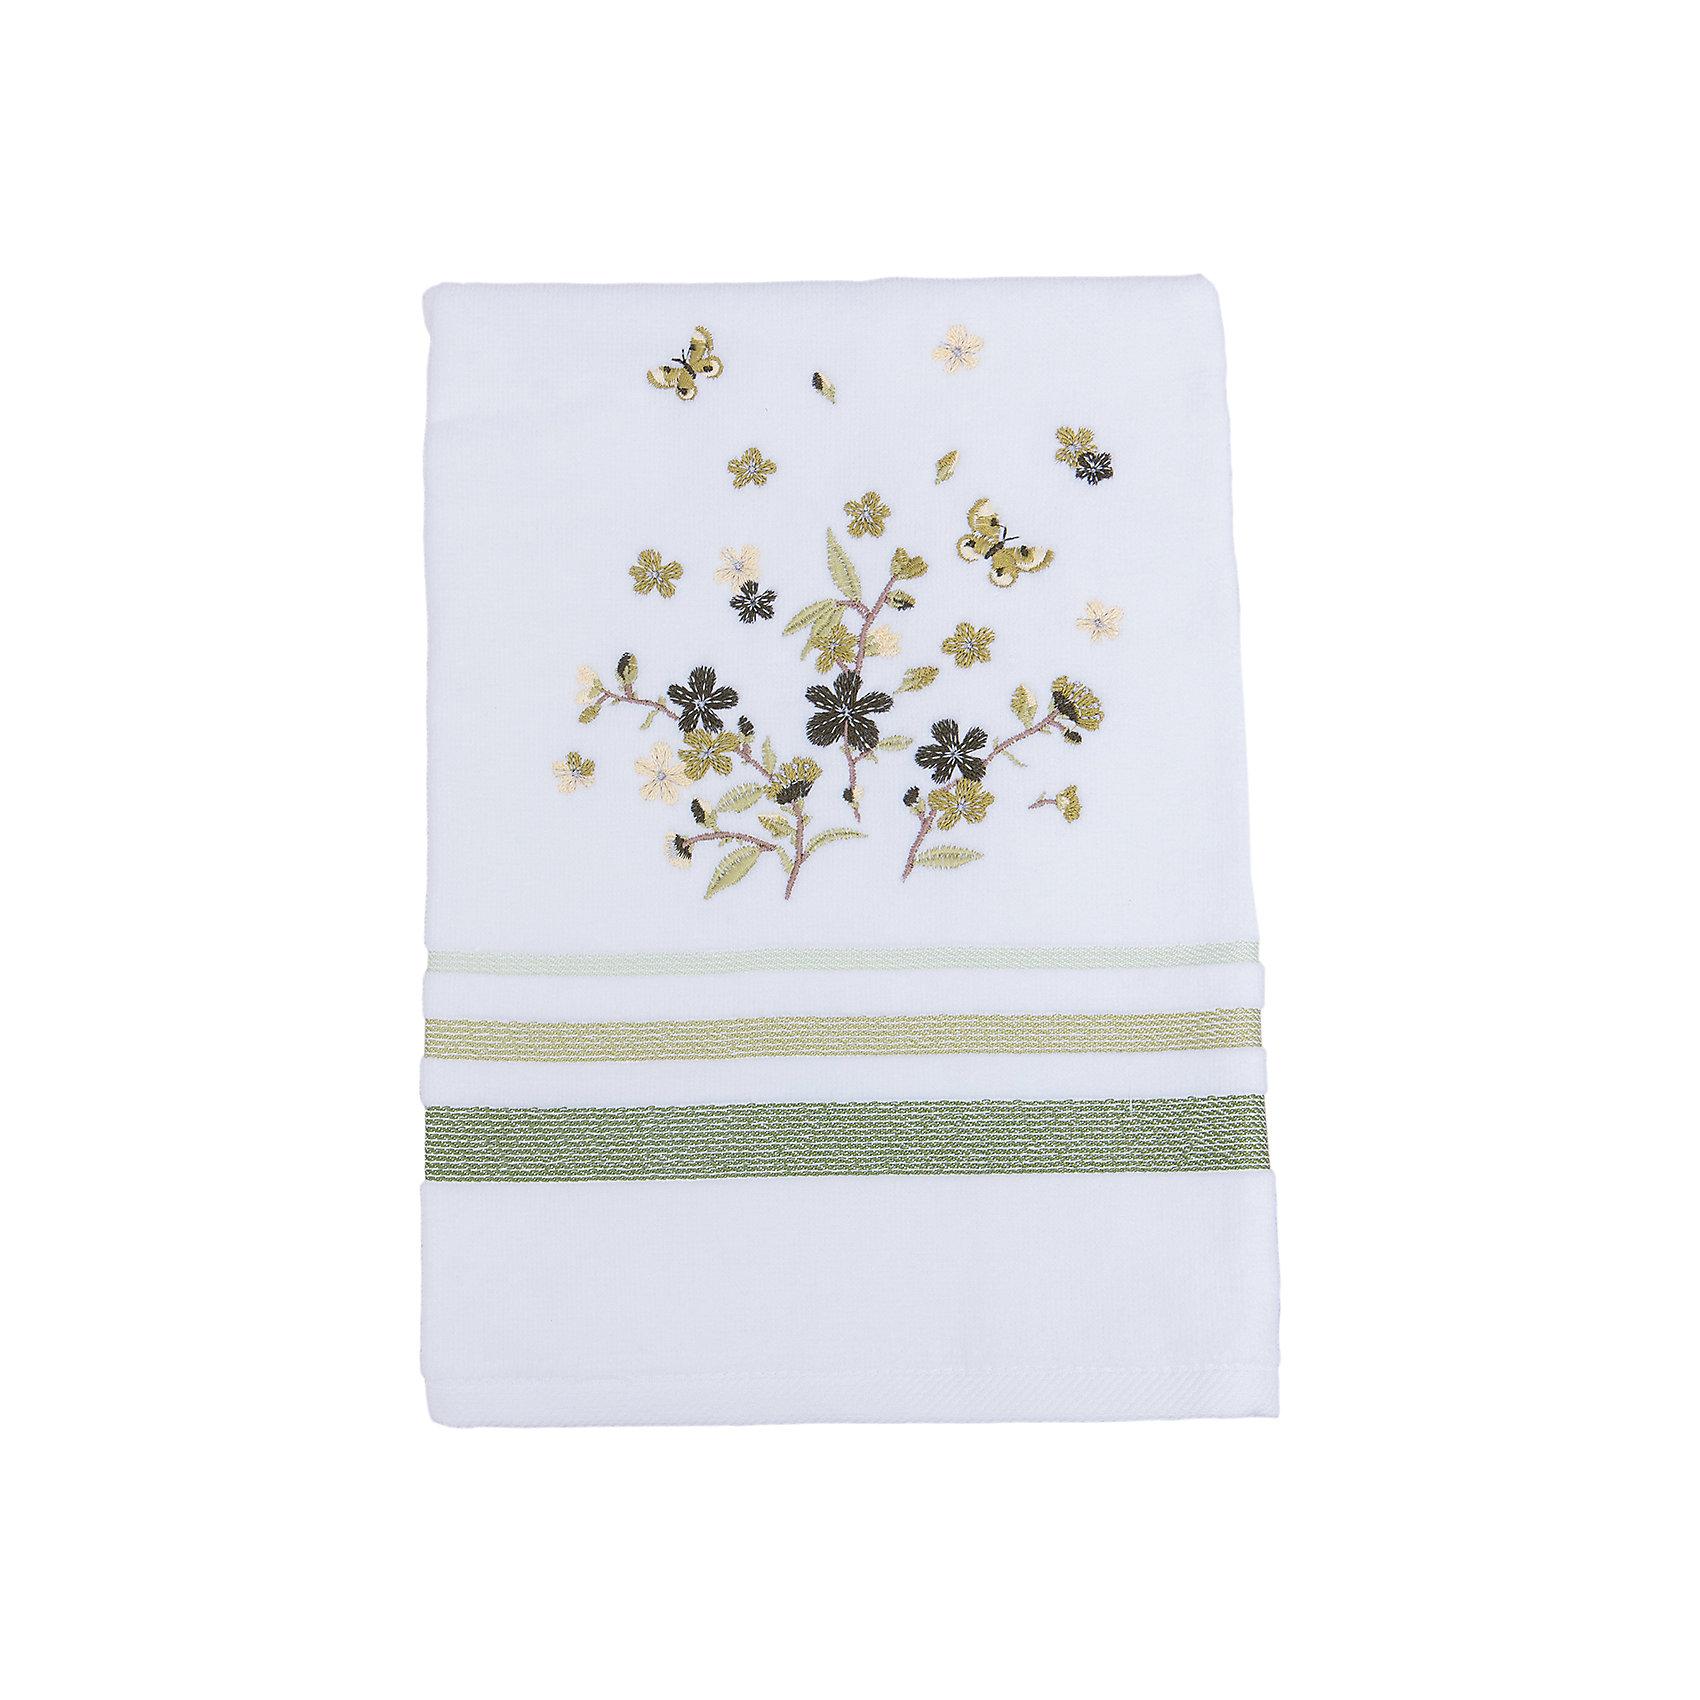 Полотенце подарочное LEGRAND махровое 50*90, TAC, зеленыйДомашний текстиль<br>Характеристика: <br><br>- Материал: махра (100% хлопок).<br>- Размер: 50х90 см.<br>- Плотность: 450гр/м2.<br>- Размер упаковки: 24х3х33 см.<br>- Цвет: зеленый.<br><br>Яркое и в тоже время нежное махровое полотенце будет прекрасным подарком к любому празднику!<br><br>Полотенце подарочное LEGRAND махровое, можно купить в нашем магазине.<br><br>Ширина мм: 240<br>Глубина мм: 30<br>Высота мм: 330<br>Вес г: 400<br>Возраст от месяцев: 0<br>Возраст до месяцев: 84<br>Пол: Унисекс<br>Возраст: Детский<br>SKU: 5124071